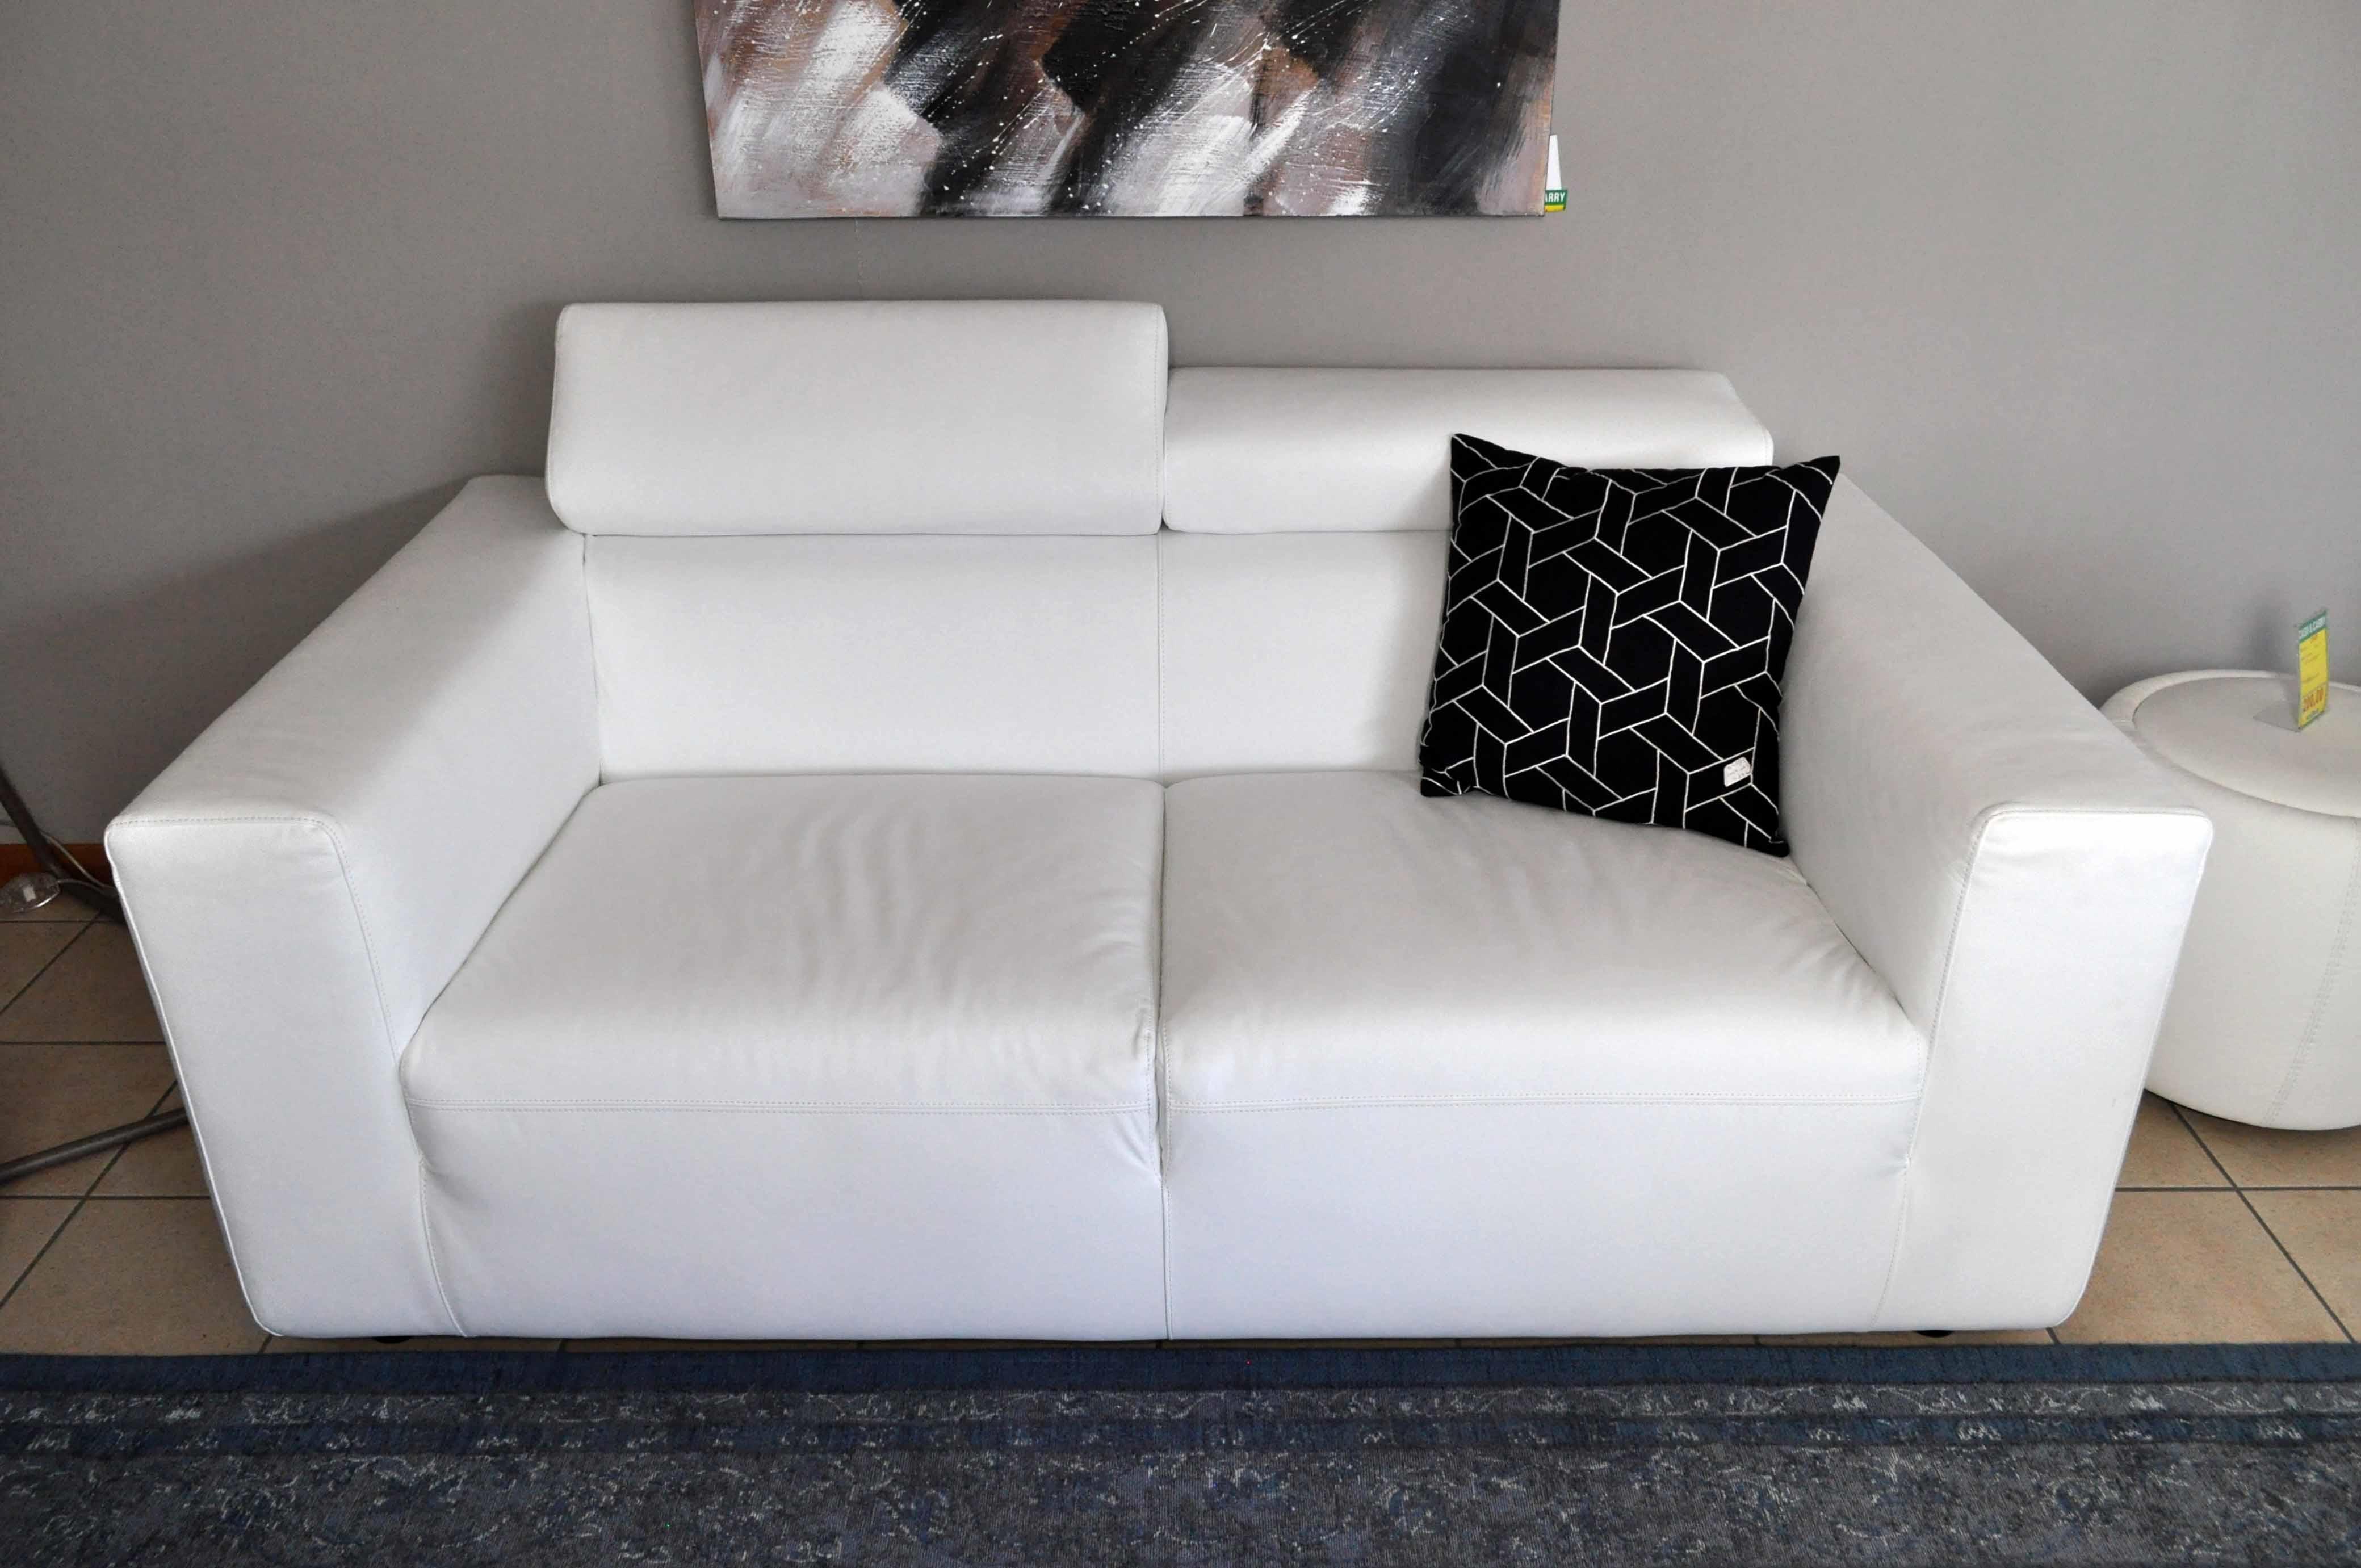 Calligaris divano upgrade in vera pelle bianco sottocosto - Divano bianco in pelle ...